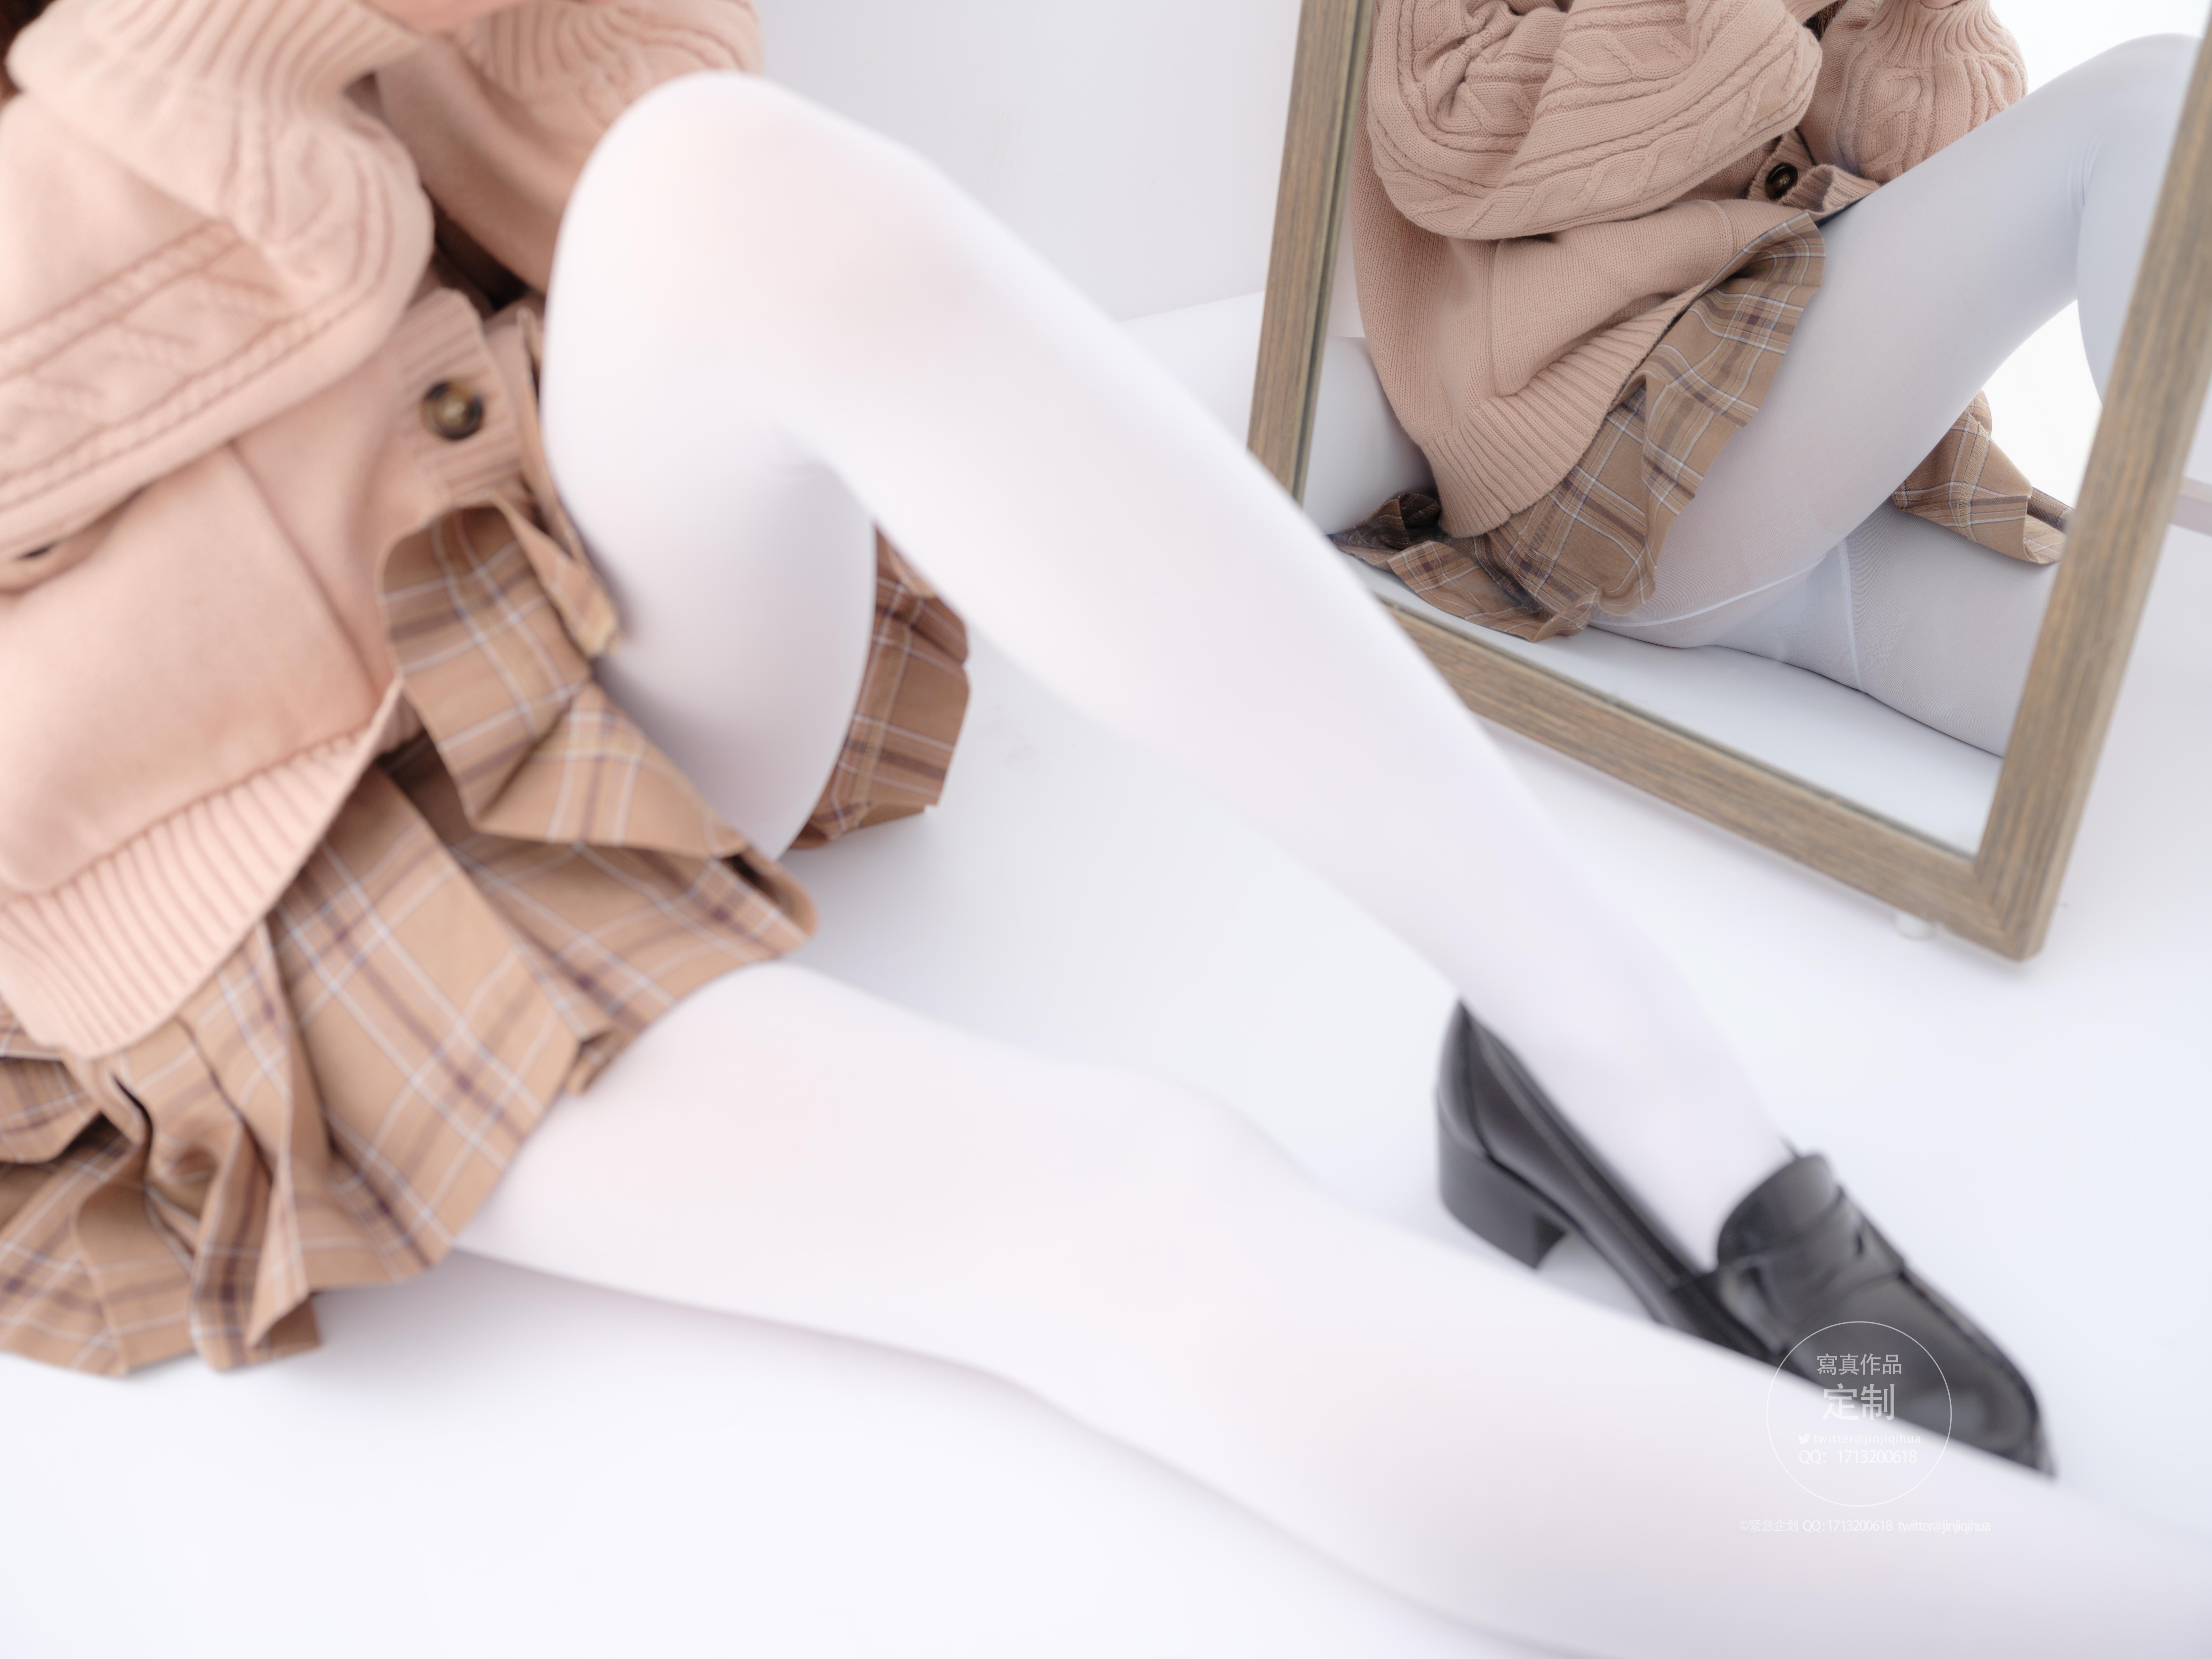 紧急企划 018 白色毛衣写真作品在线欣赏-觅爱图